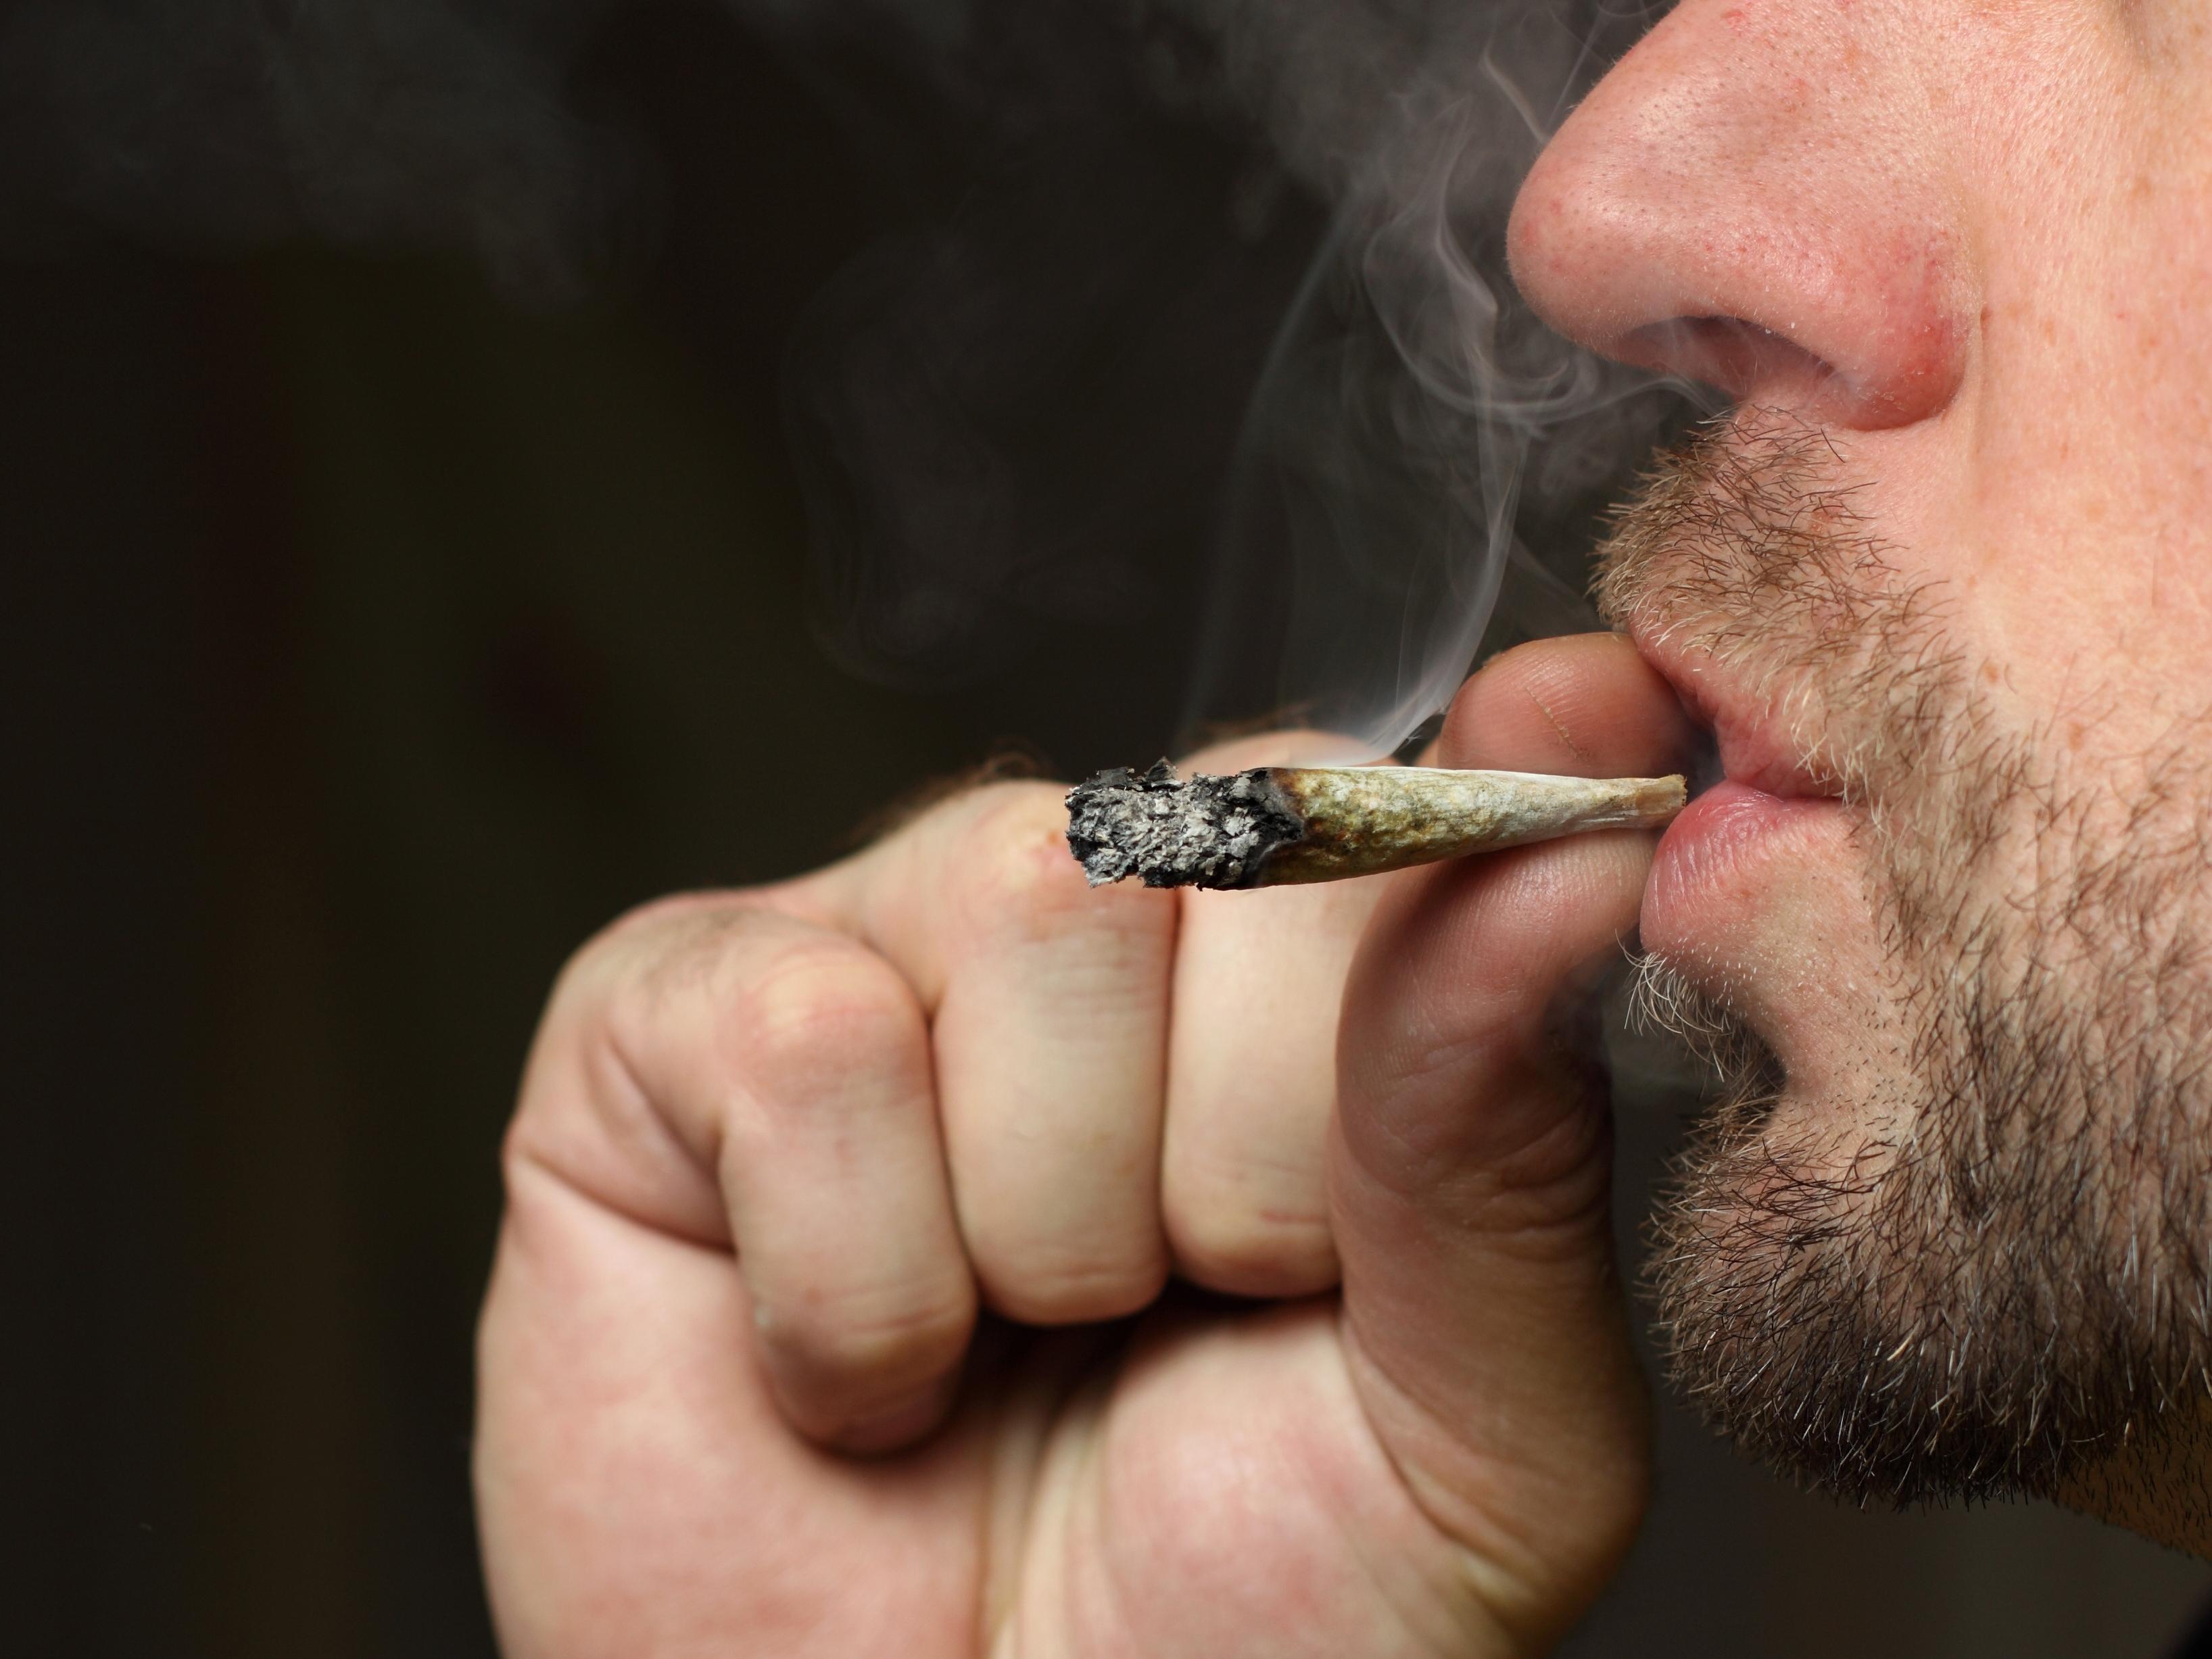 Des mères jai cessé de fumer dans la nuit la bataille des extralucides